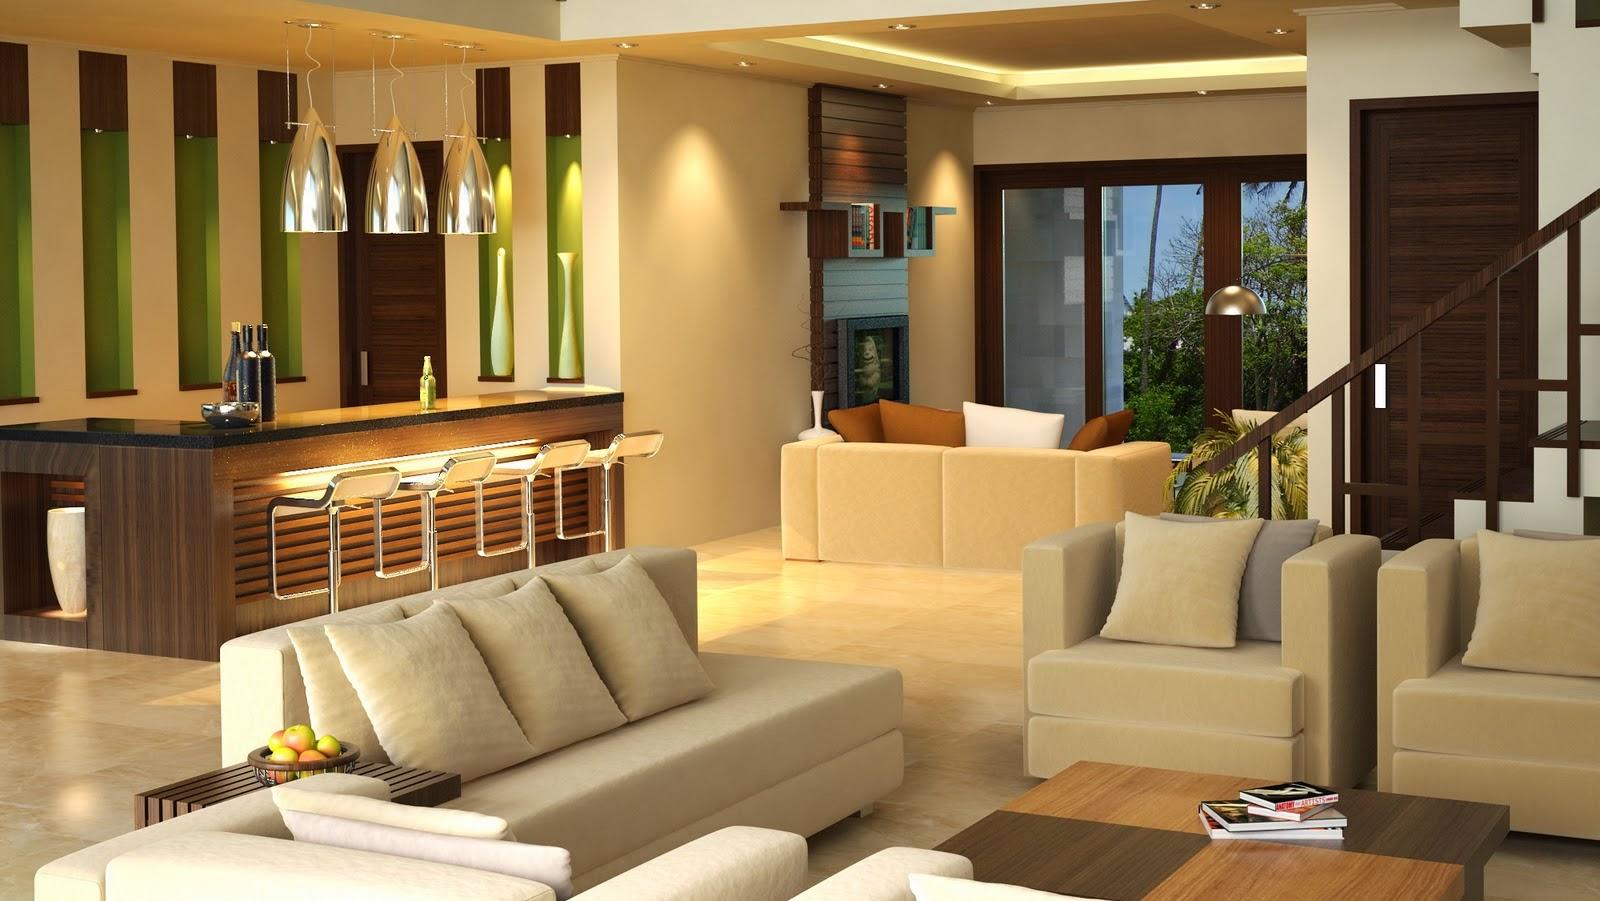 Kumpulan Desain Interior Rumah Minimalis Tanpa Sekat